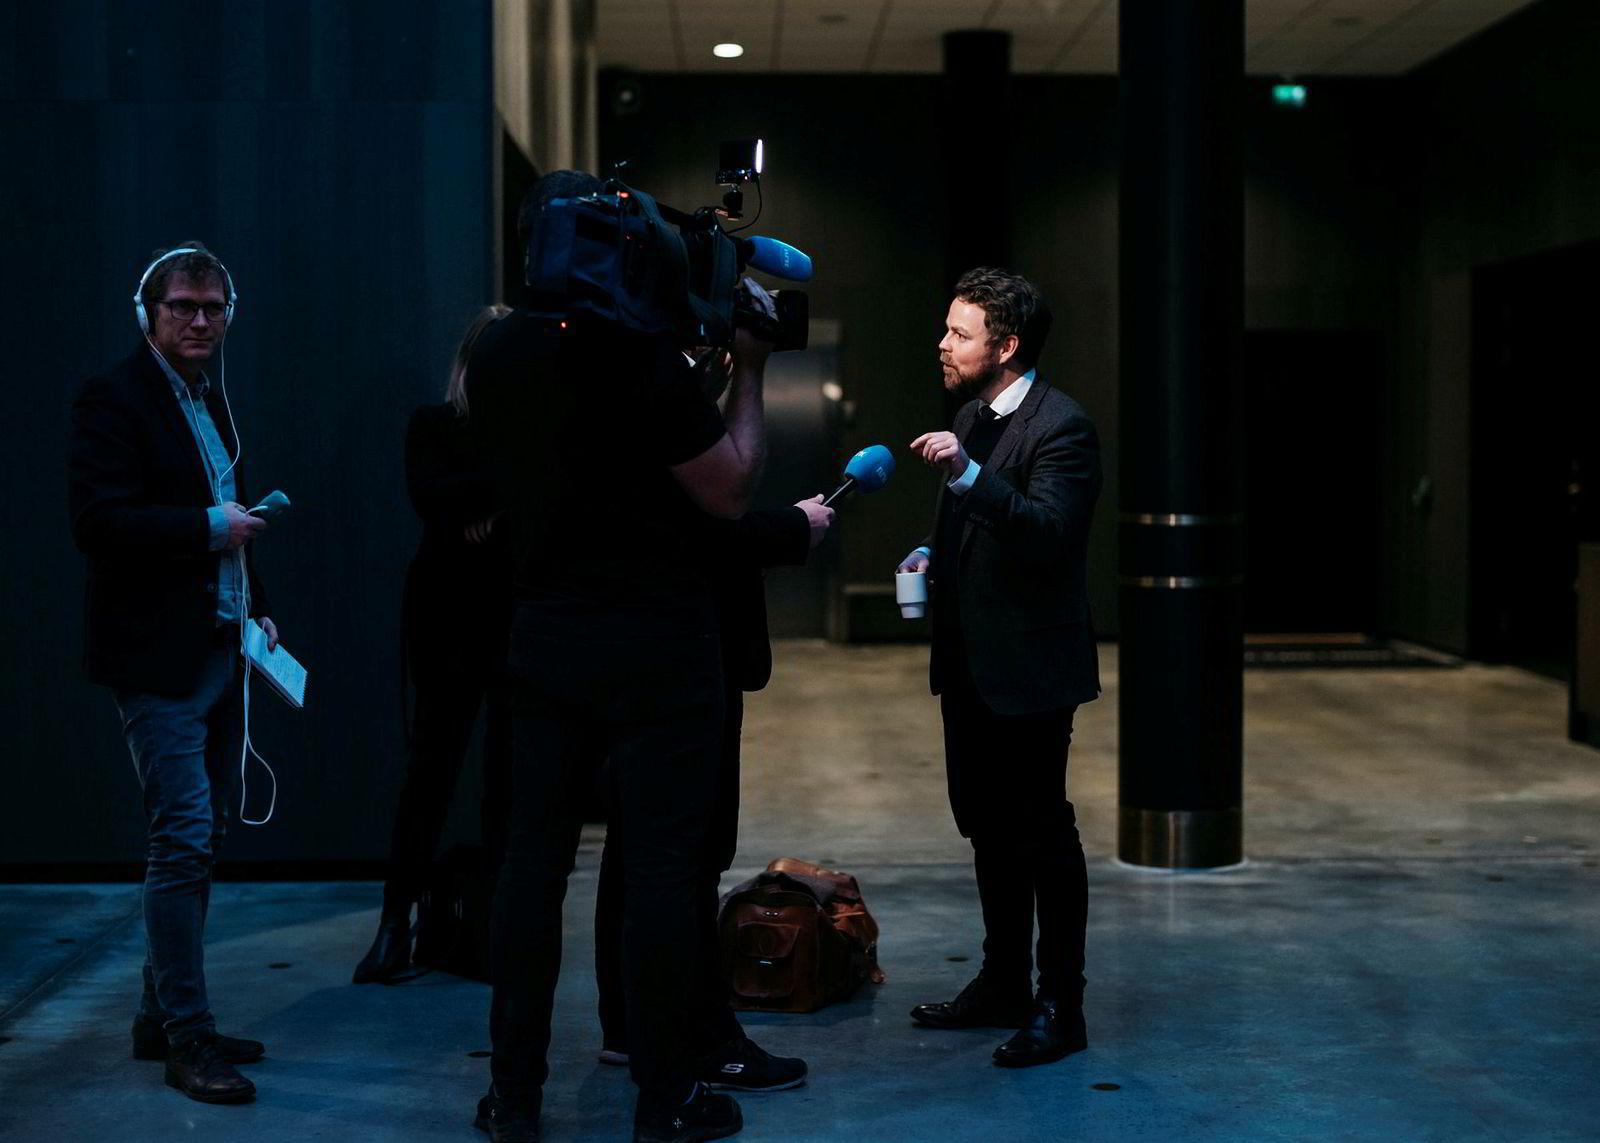 Næringsminister Torbjørn Røe Isaksen leverte et bibelsitat med referanse til regjeringsforhandlingene: «Døm ikke, så skal dere ikke bli dømt. Fordøm ikke, så skal dere ikke bli fordømt. Ettergi, så skal også dere få ettergitt.»